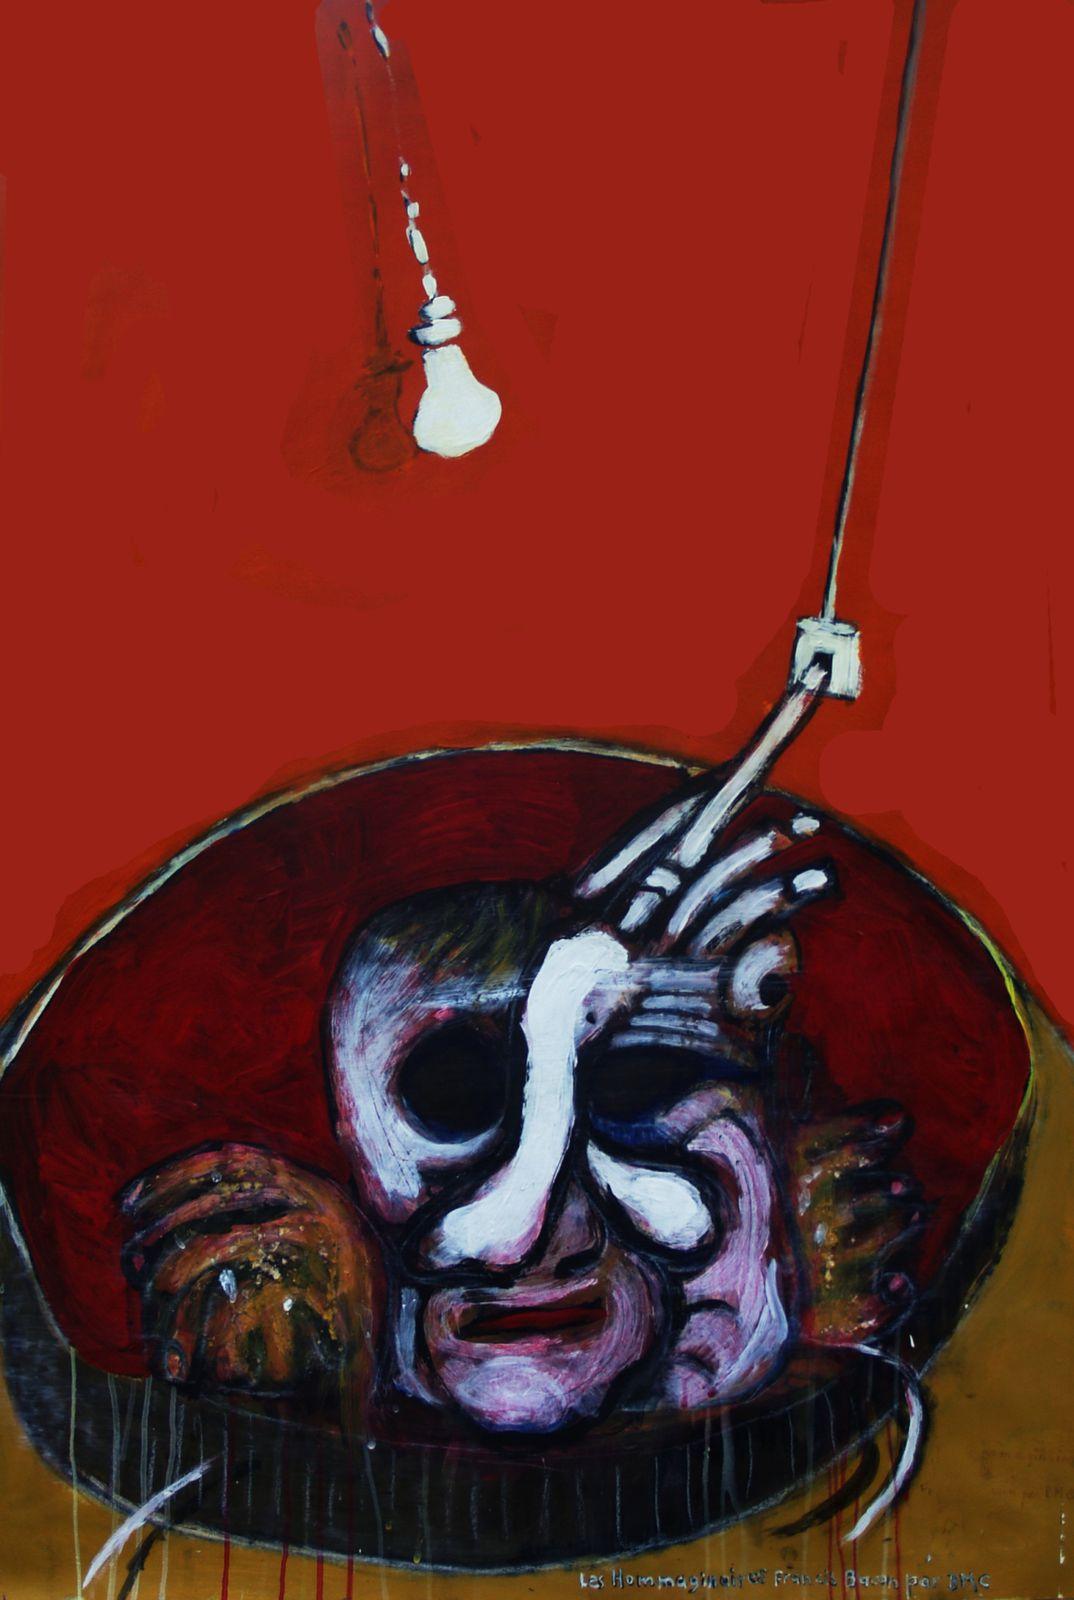 59 - Les Hommaginaires - Francis Bacon par BMC - Technique mixte 110 x 75 cm.